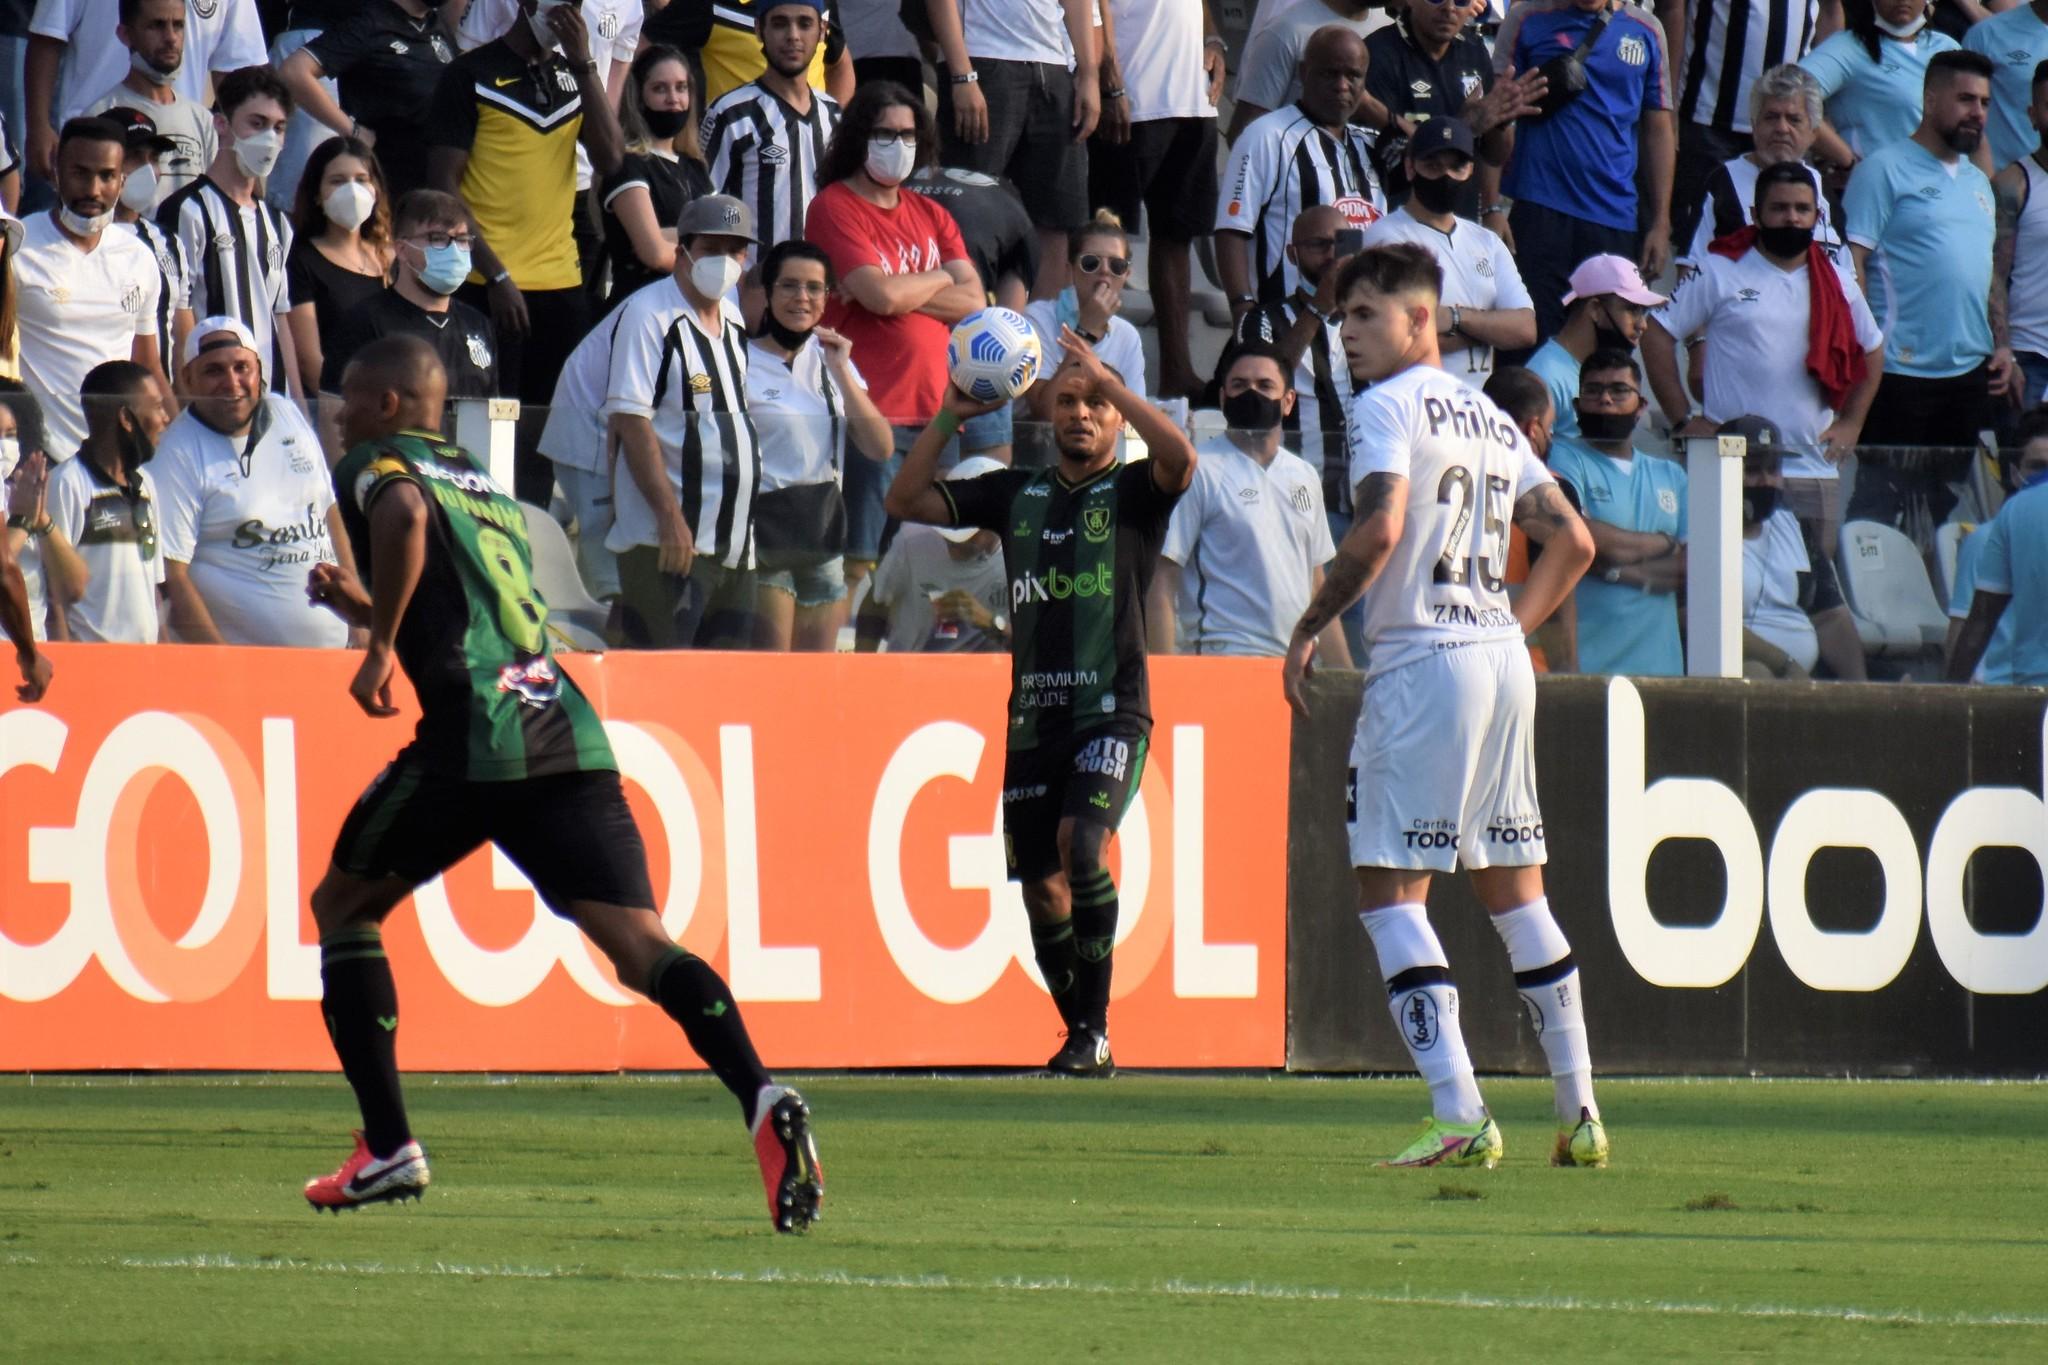 Aproveitamento de G4 e mais de 200 jogos por clubes de Belo Horizonte: Patric enaltece momento dentro e fora de campo no América Mineiro